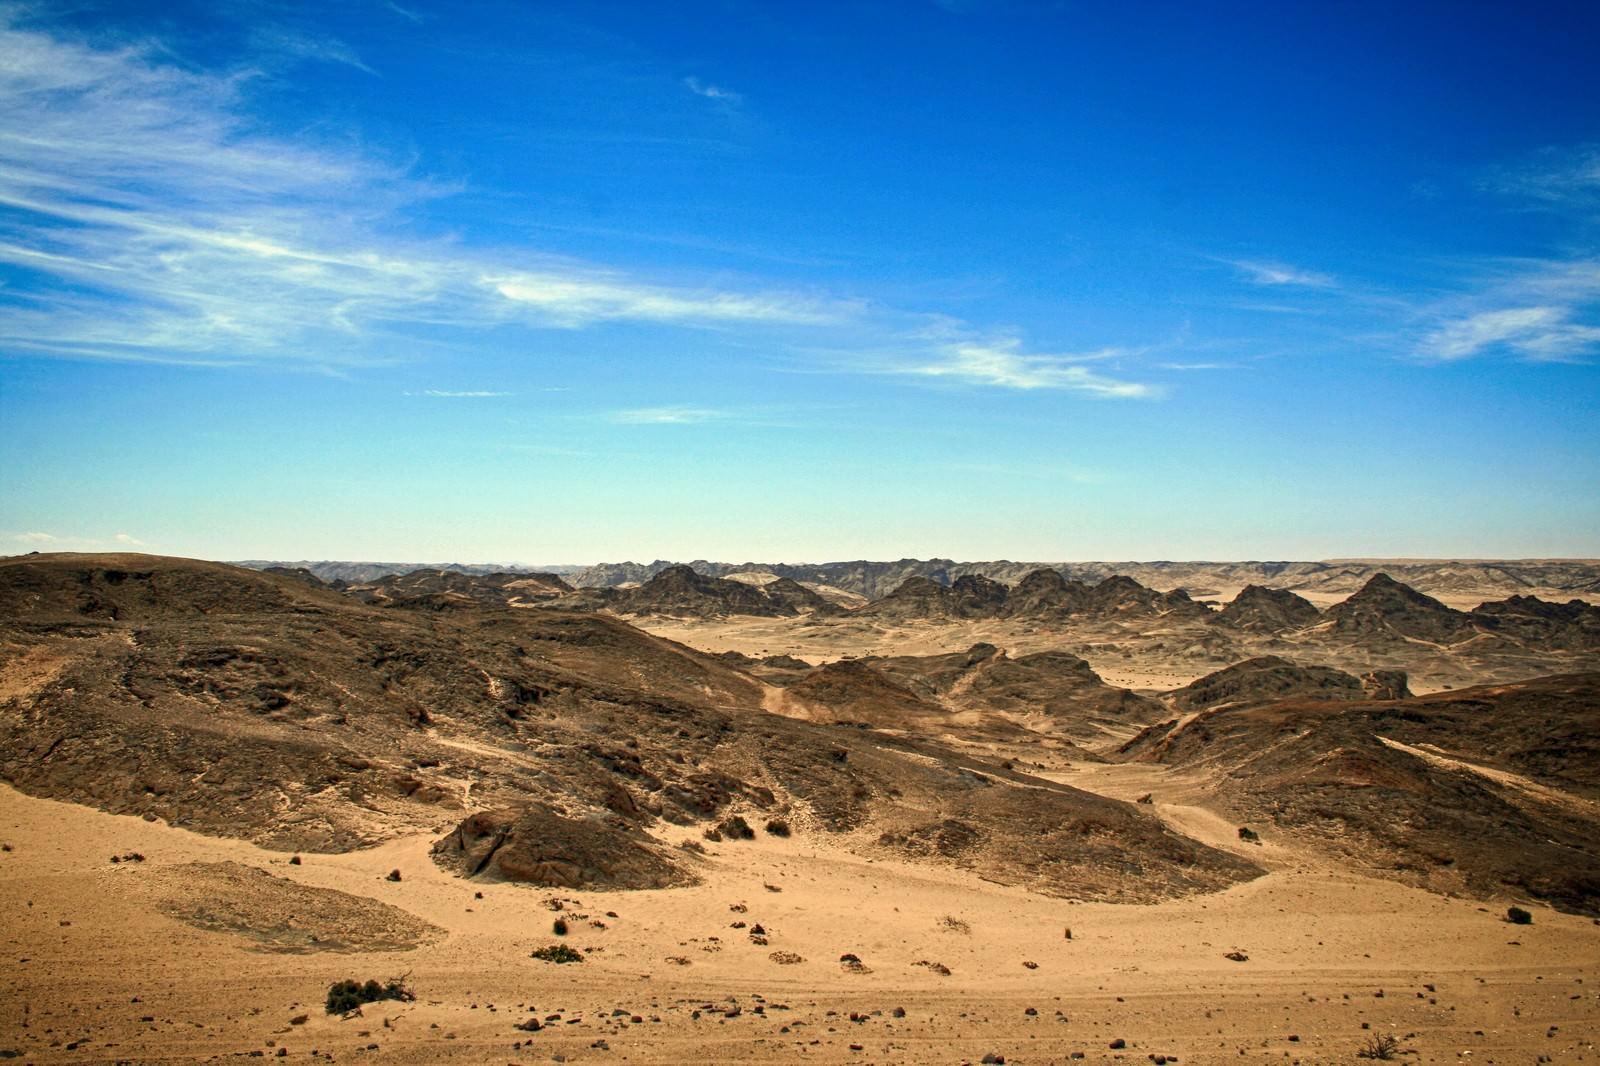 「青空と荒野」の写真